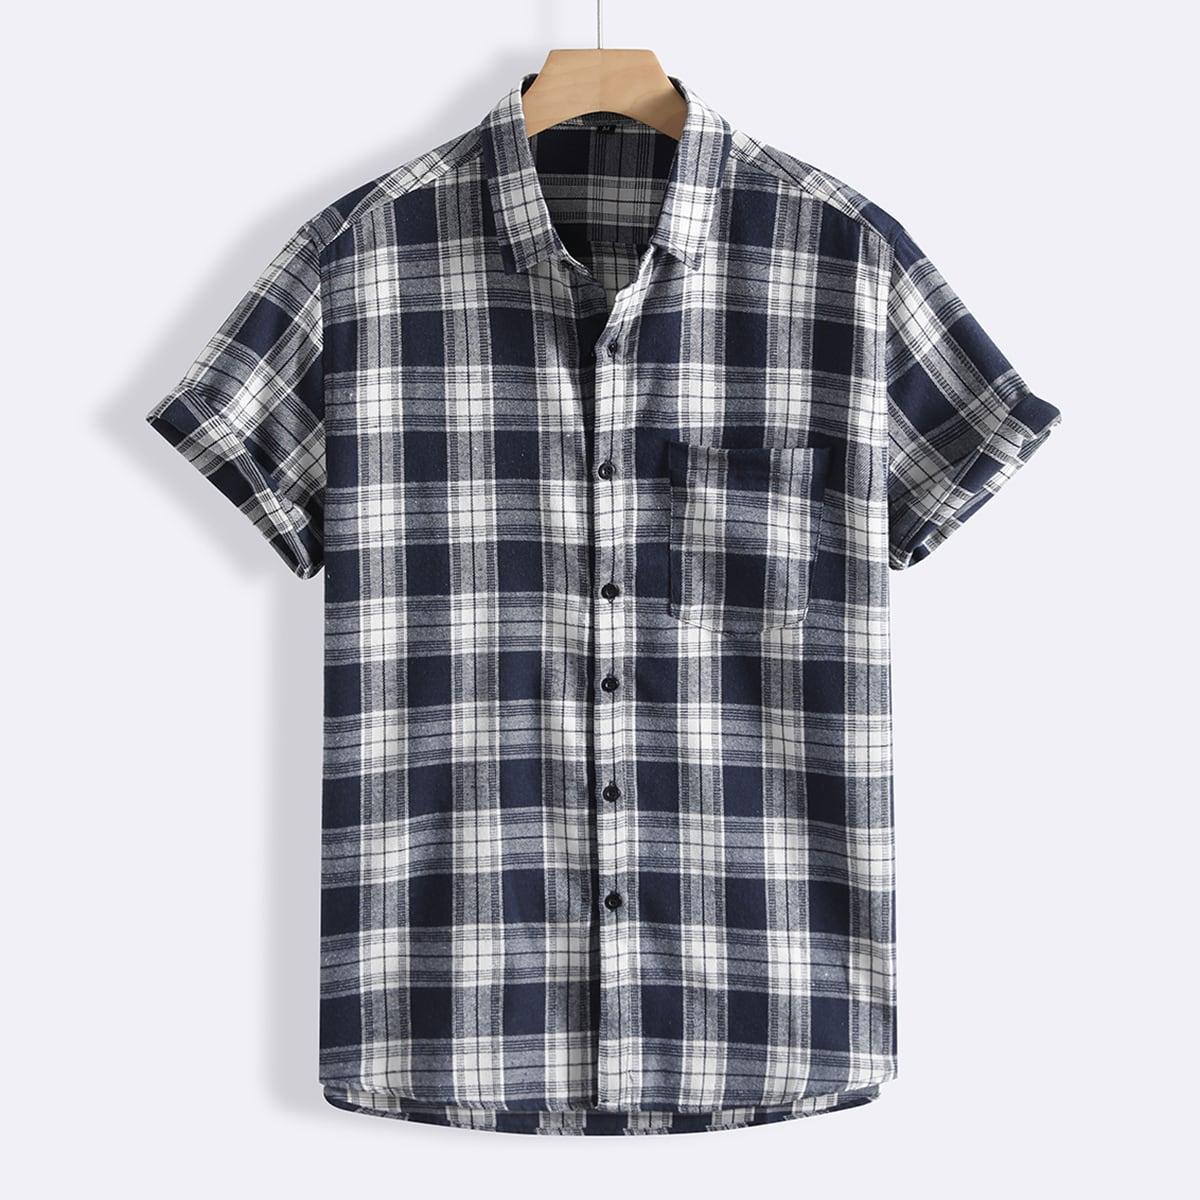 Мужской Рубашка в клетку с карманом на пуговицах SheIn sm2107099229121271